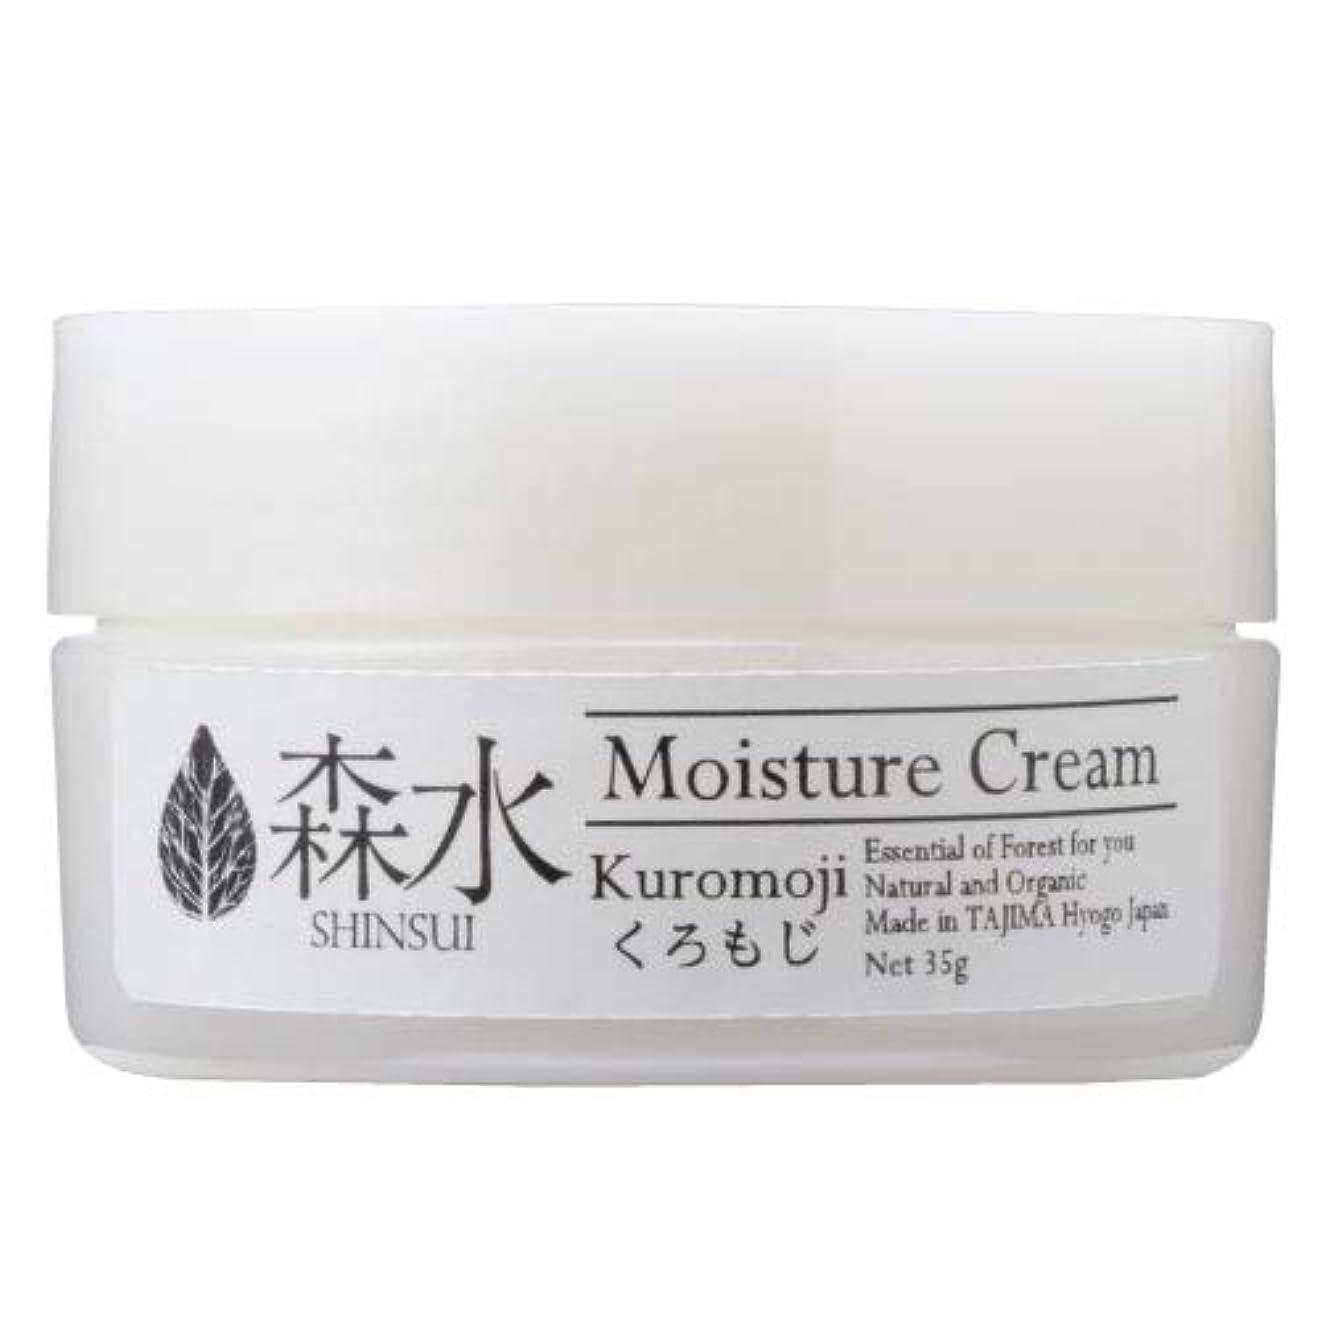 努力する焼く入手します森水-SHINSUI シンスイ-くろもじクリーム(Kuromoji Moisture Cream)35g